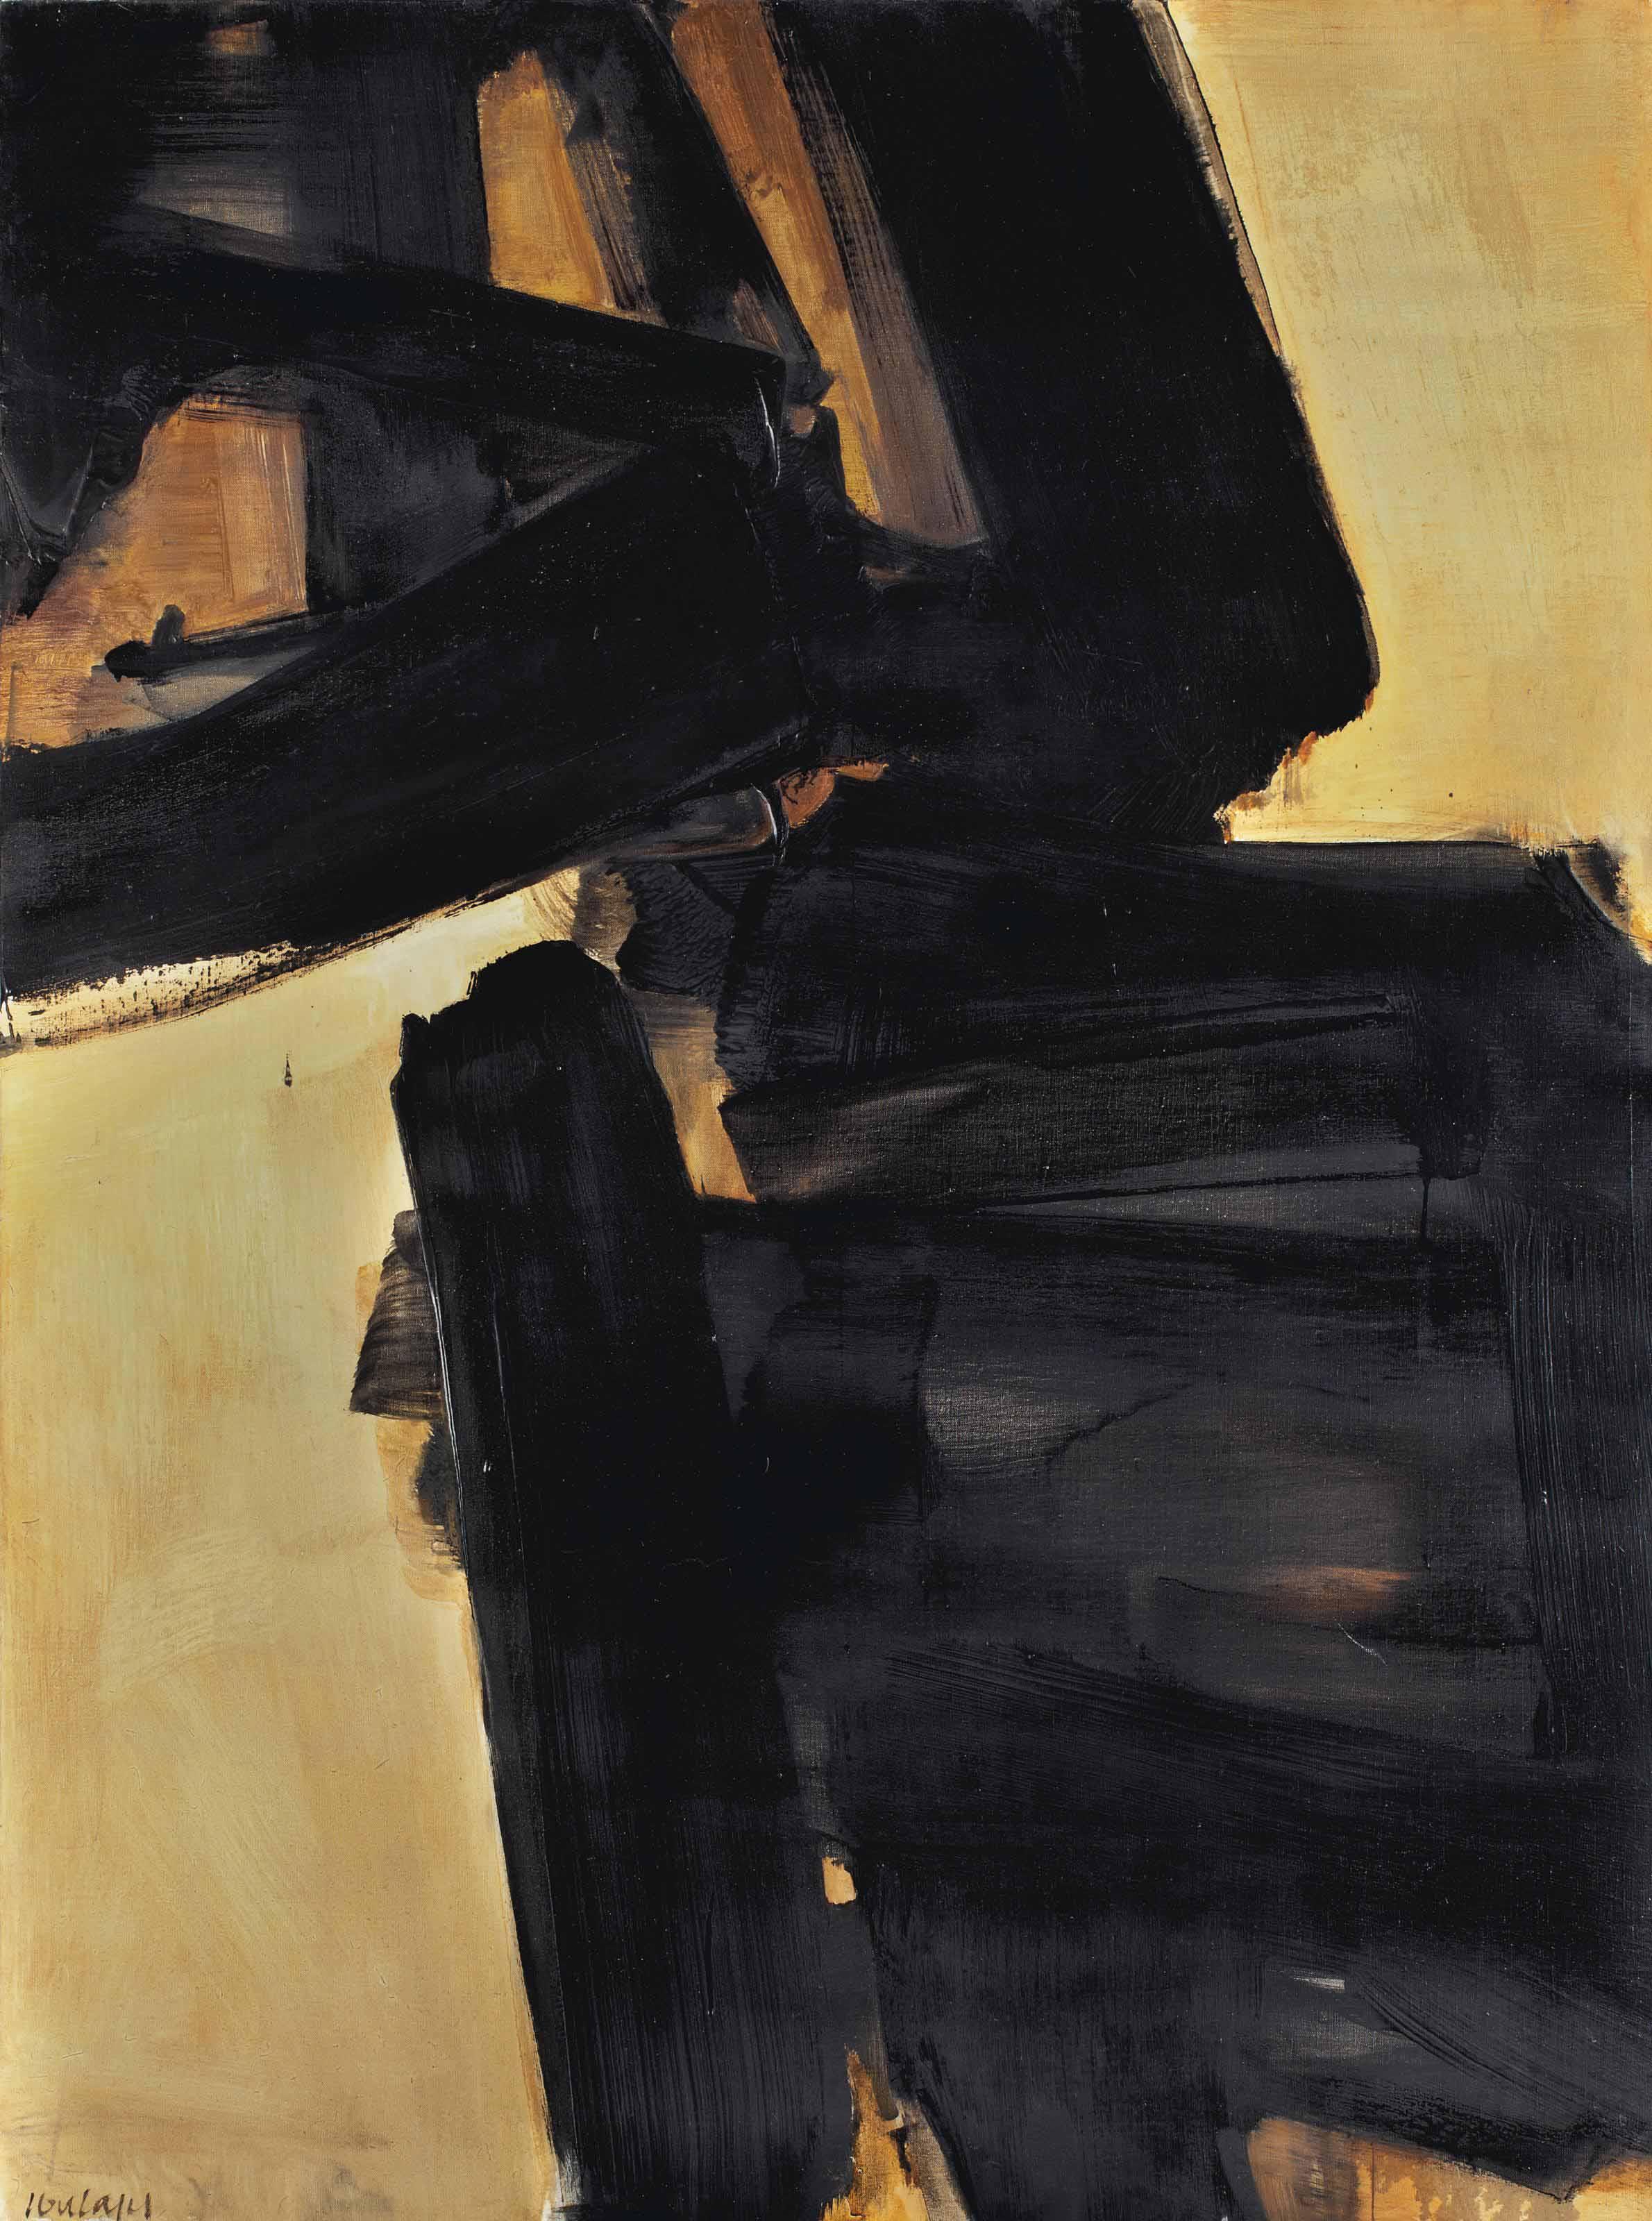 Peinture 130 x 89 cm, 8 septembre 1965